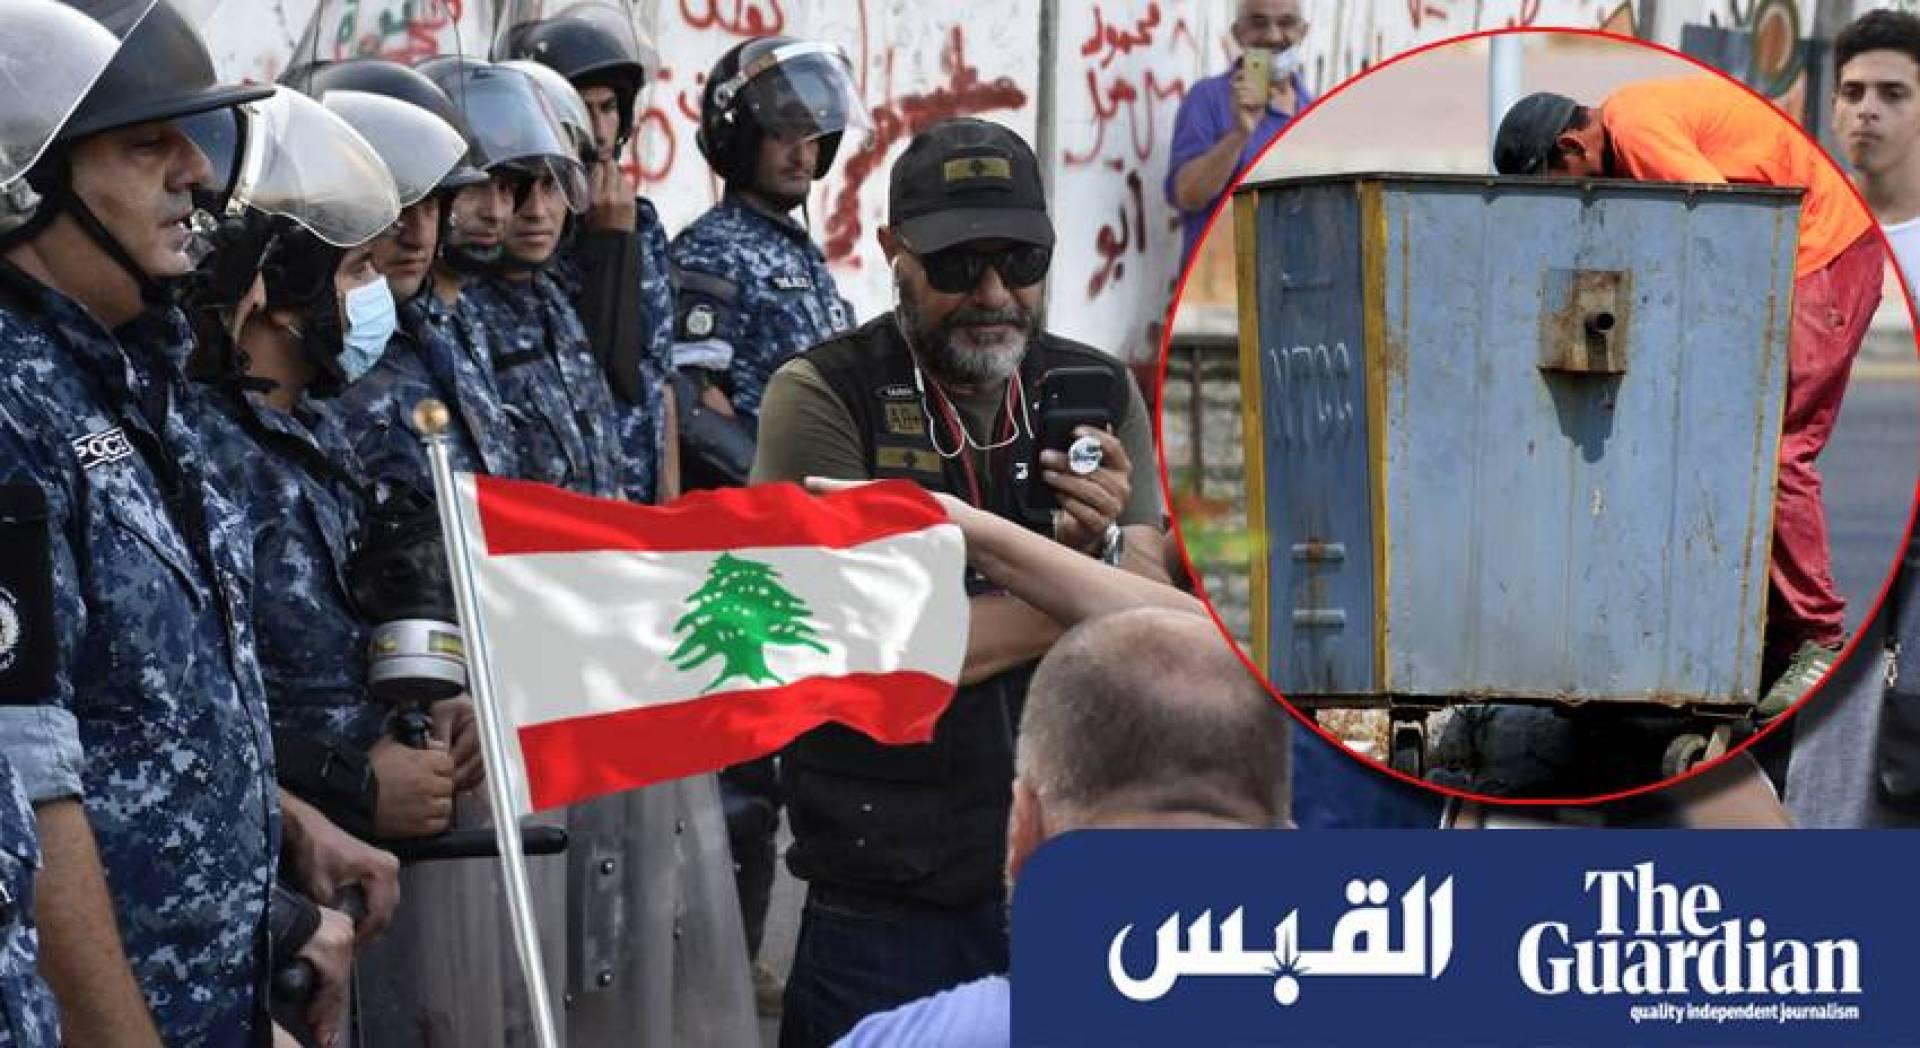 أزمة لبنان تتفاقم.. ودول الخليج أصبحت حذرة من ضخ المزيد من الأموال